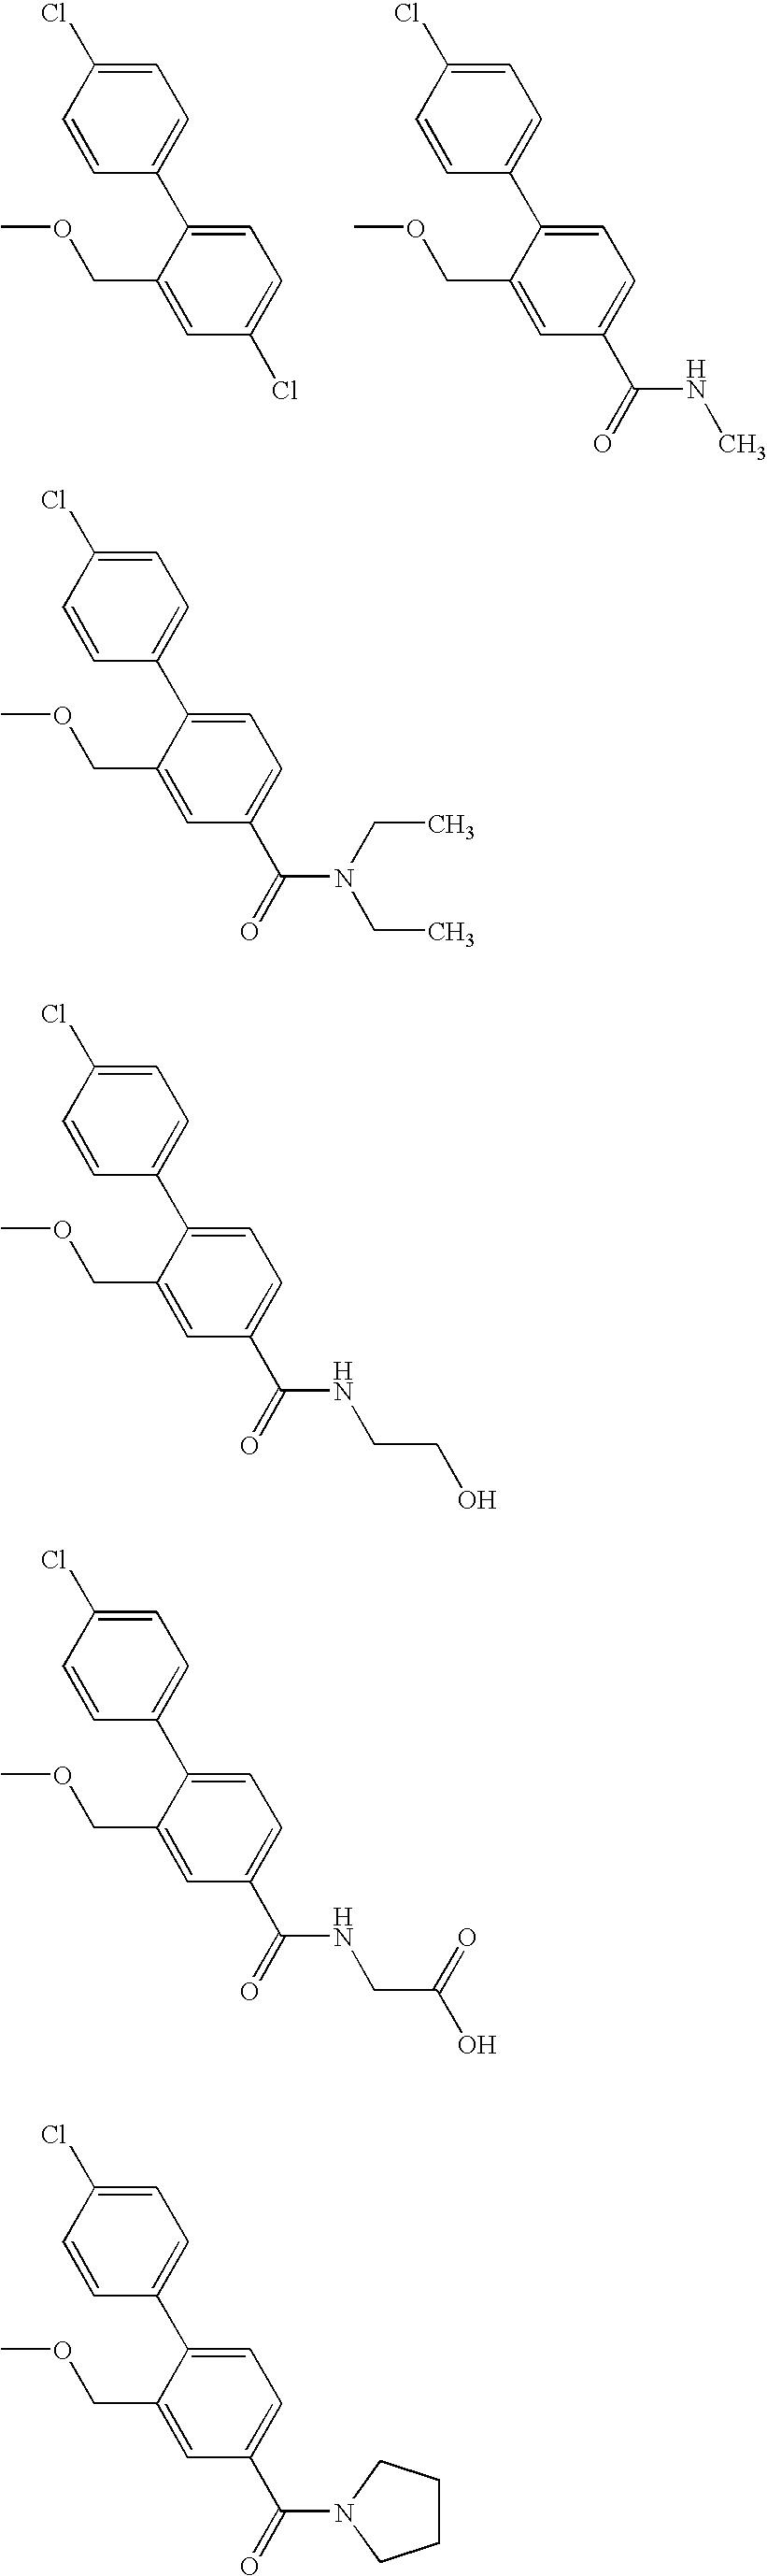 Figure US20070049593A1-20070301-C00234